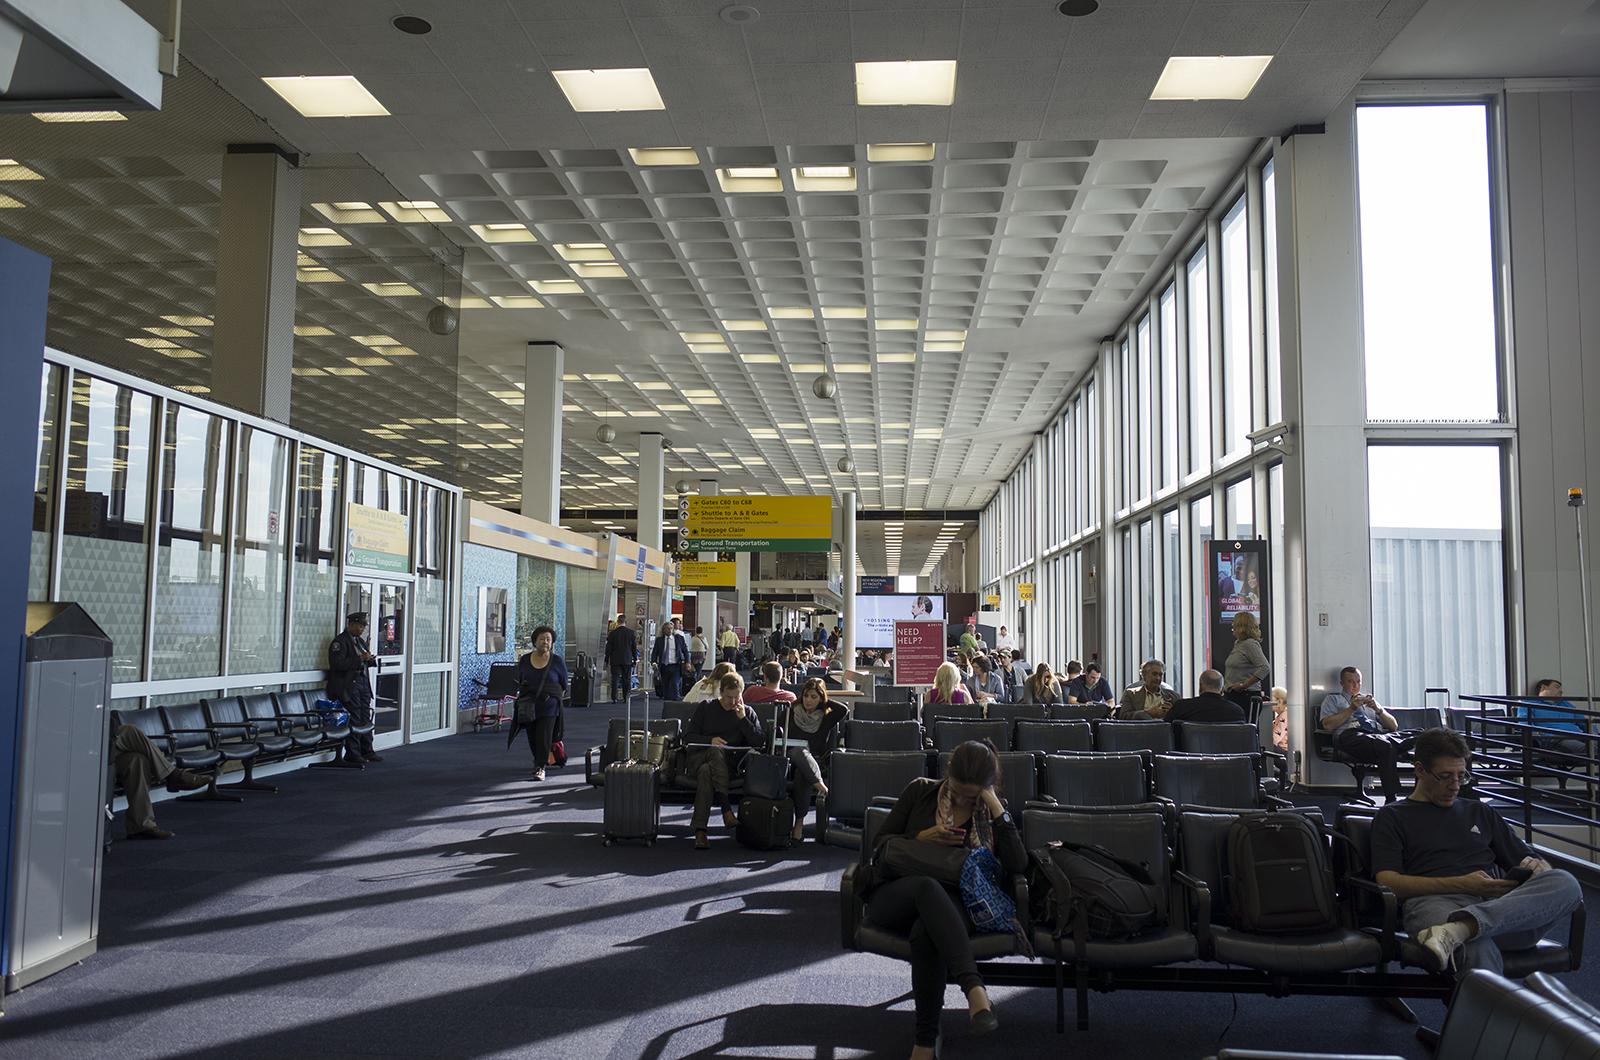 アメリカの旅2014:JFKterminal2すべてデルタ航空